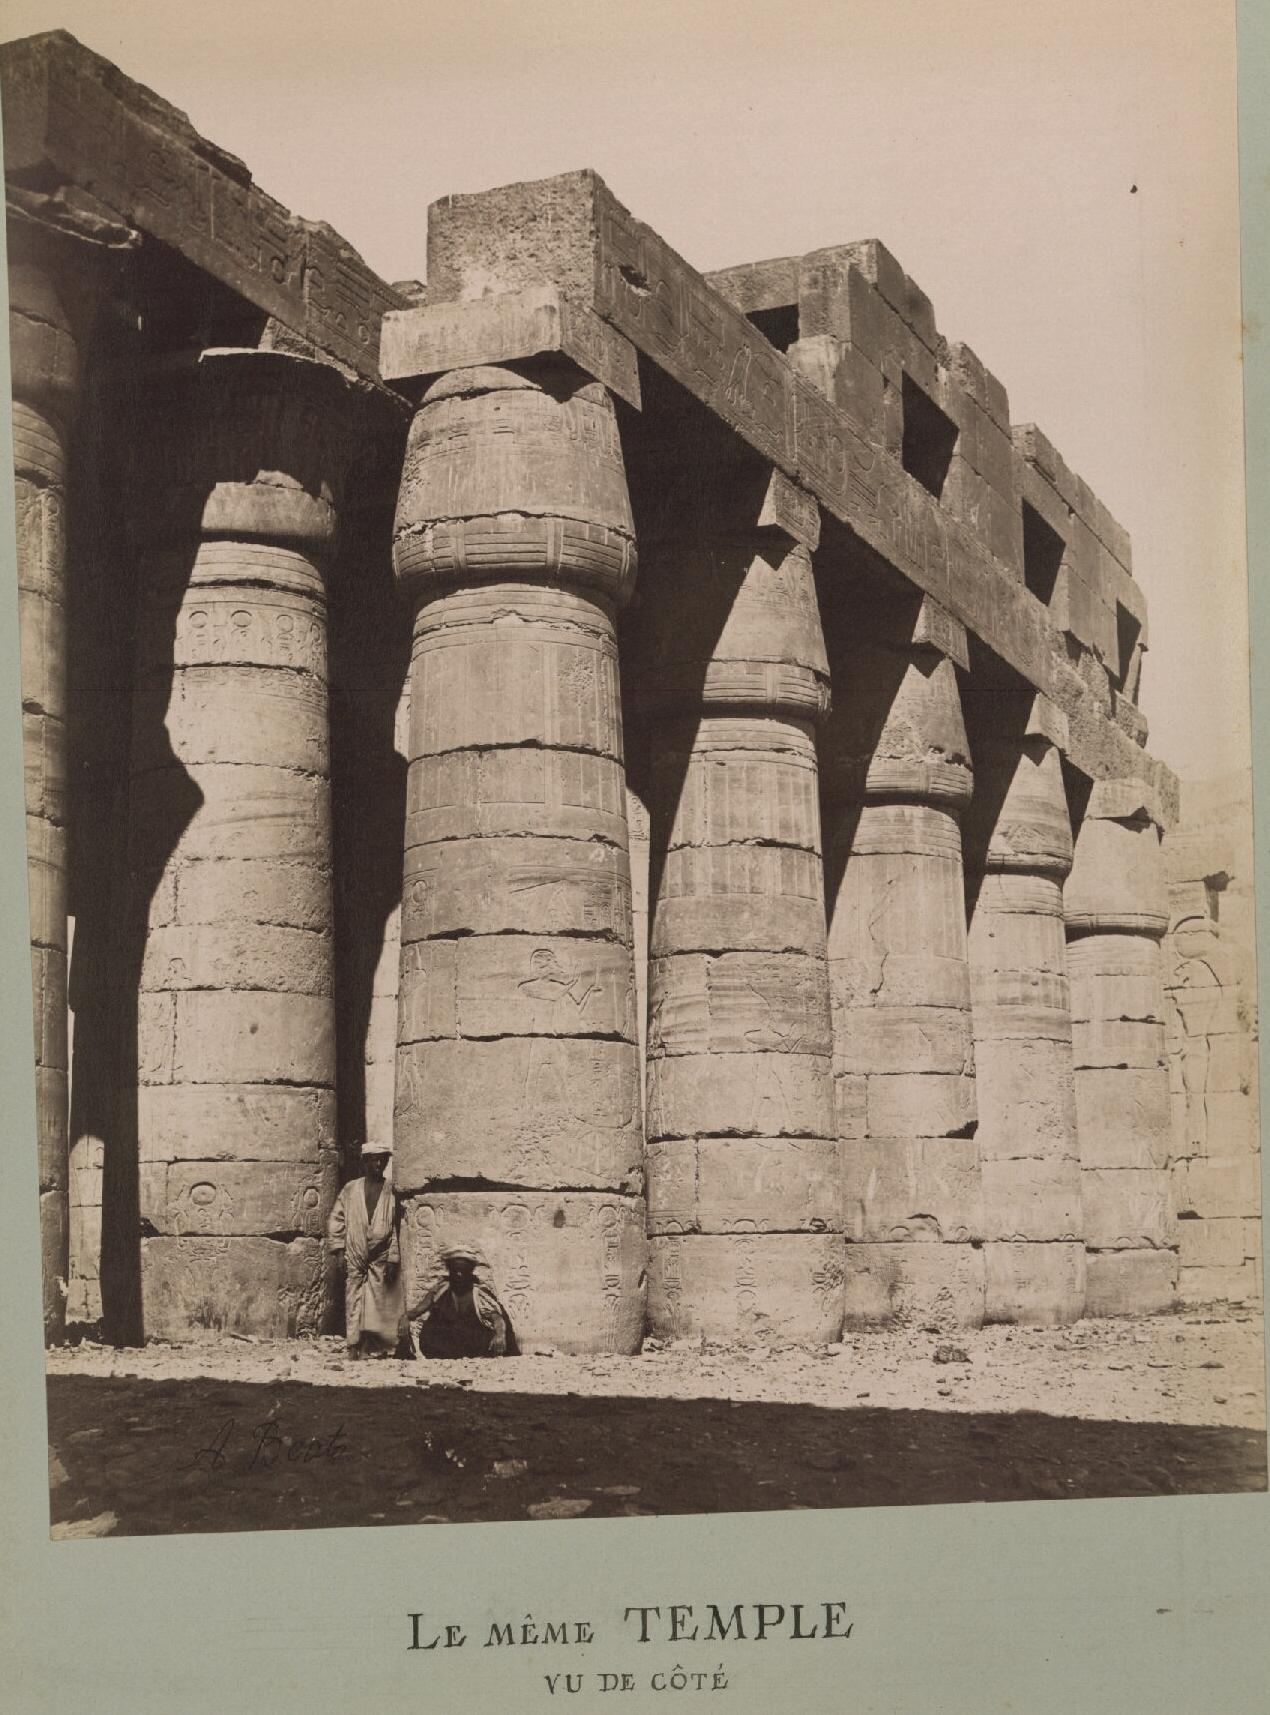 Фивы. Храм Рамзеса. Тот же храм, увиденный со стороны